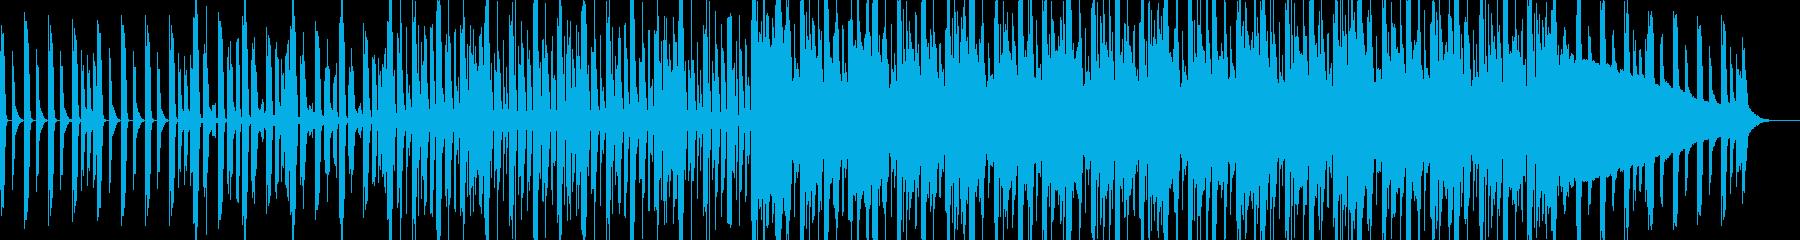 ノリの良いリズムミュージックなBGMの再生済みの波形